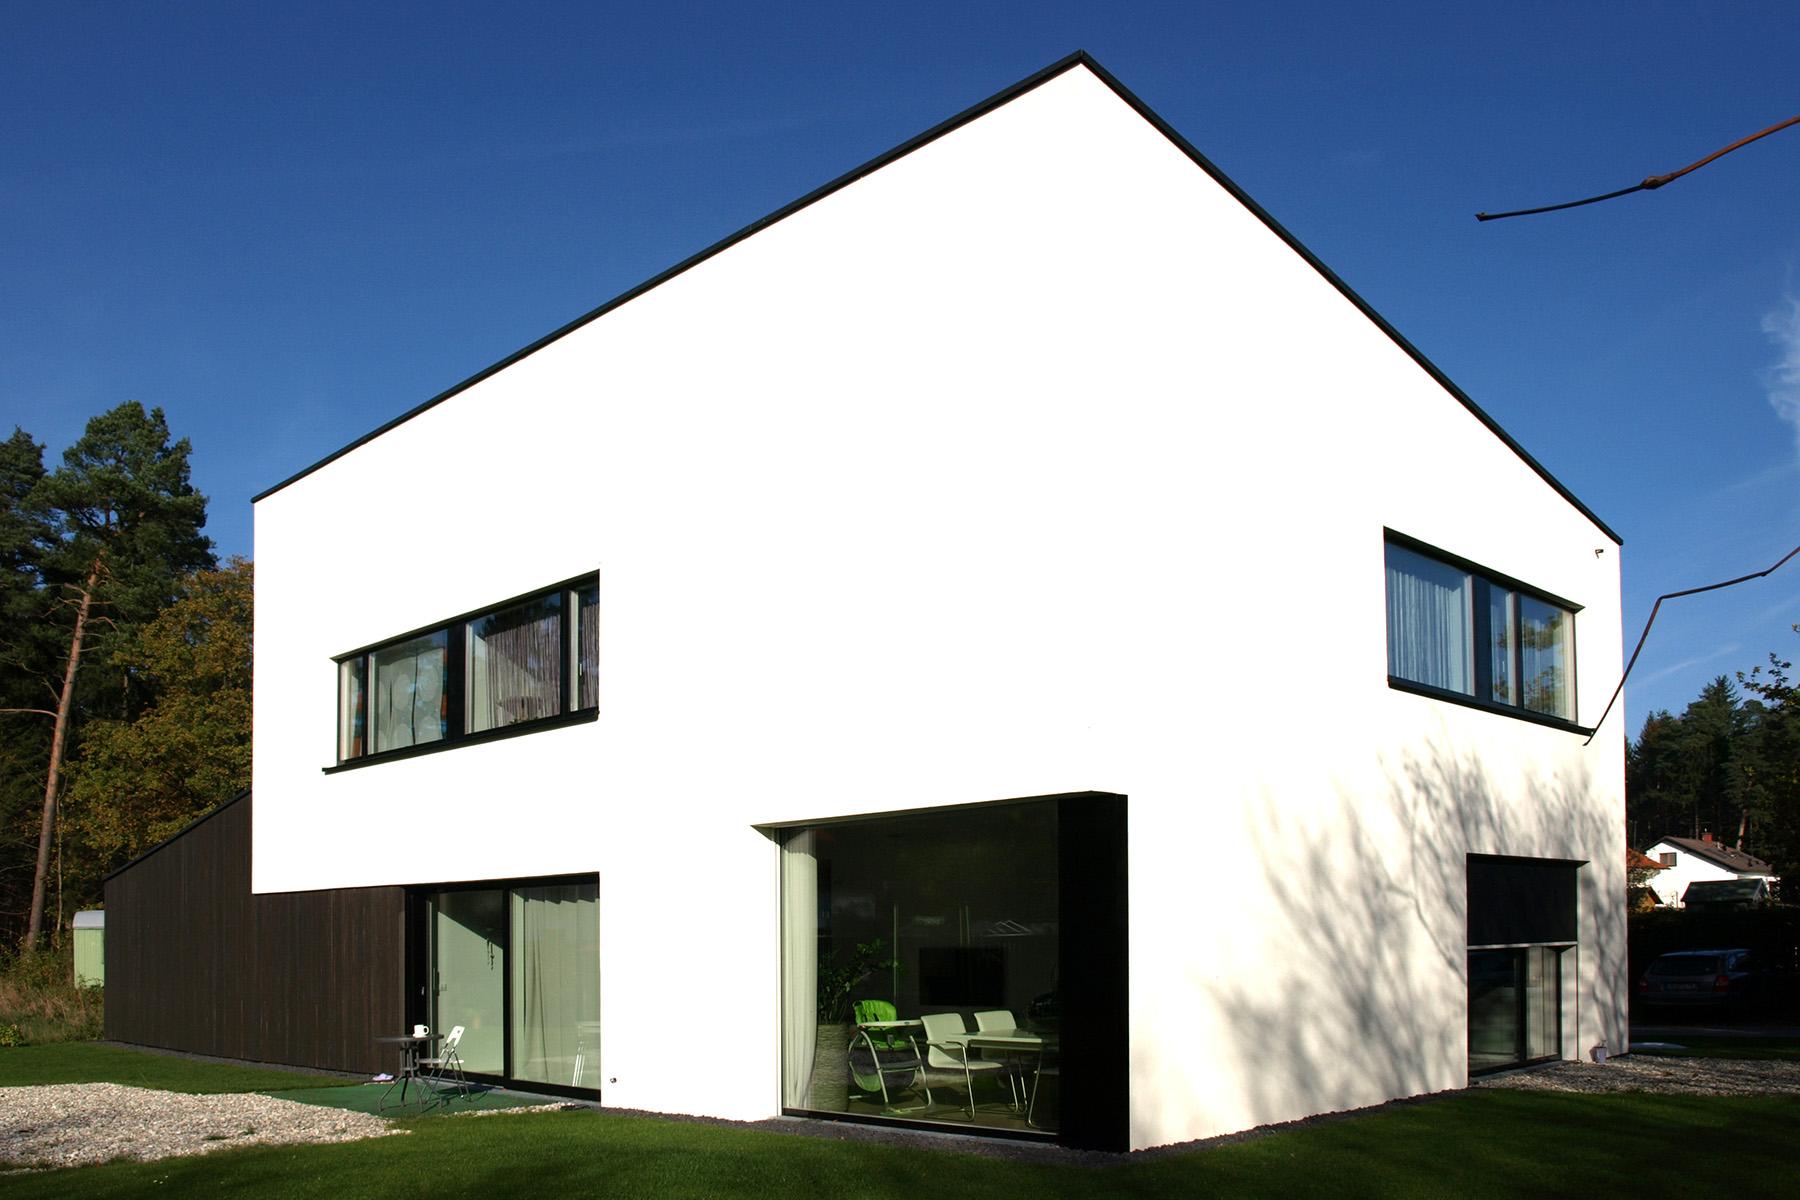 einfamilienhaus mit pultdach muenchenarchitektur. Black Bedroom Furniture Sets. Home Design Ideas